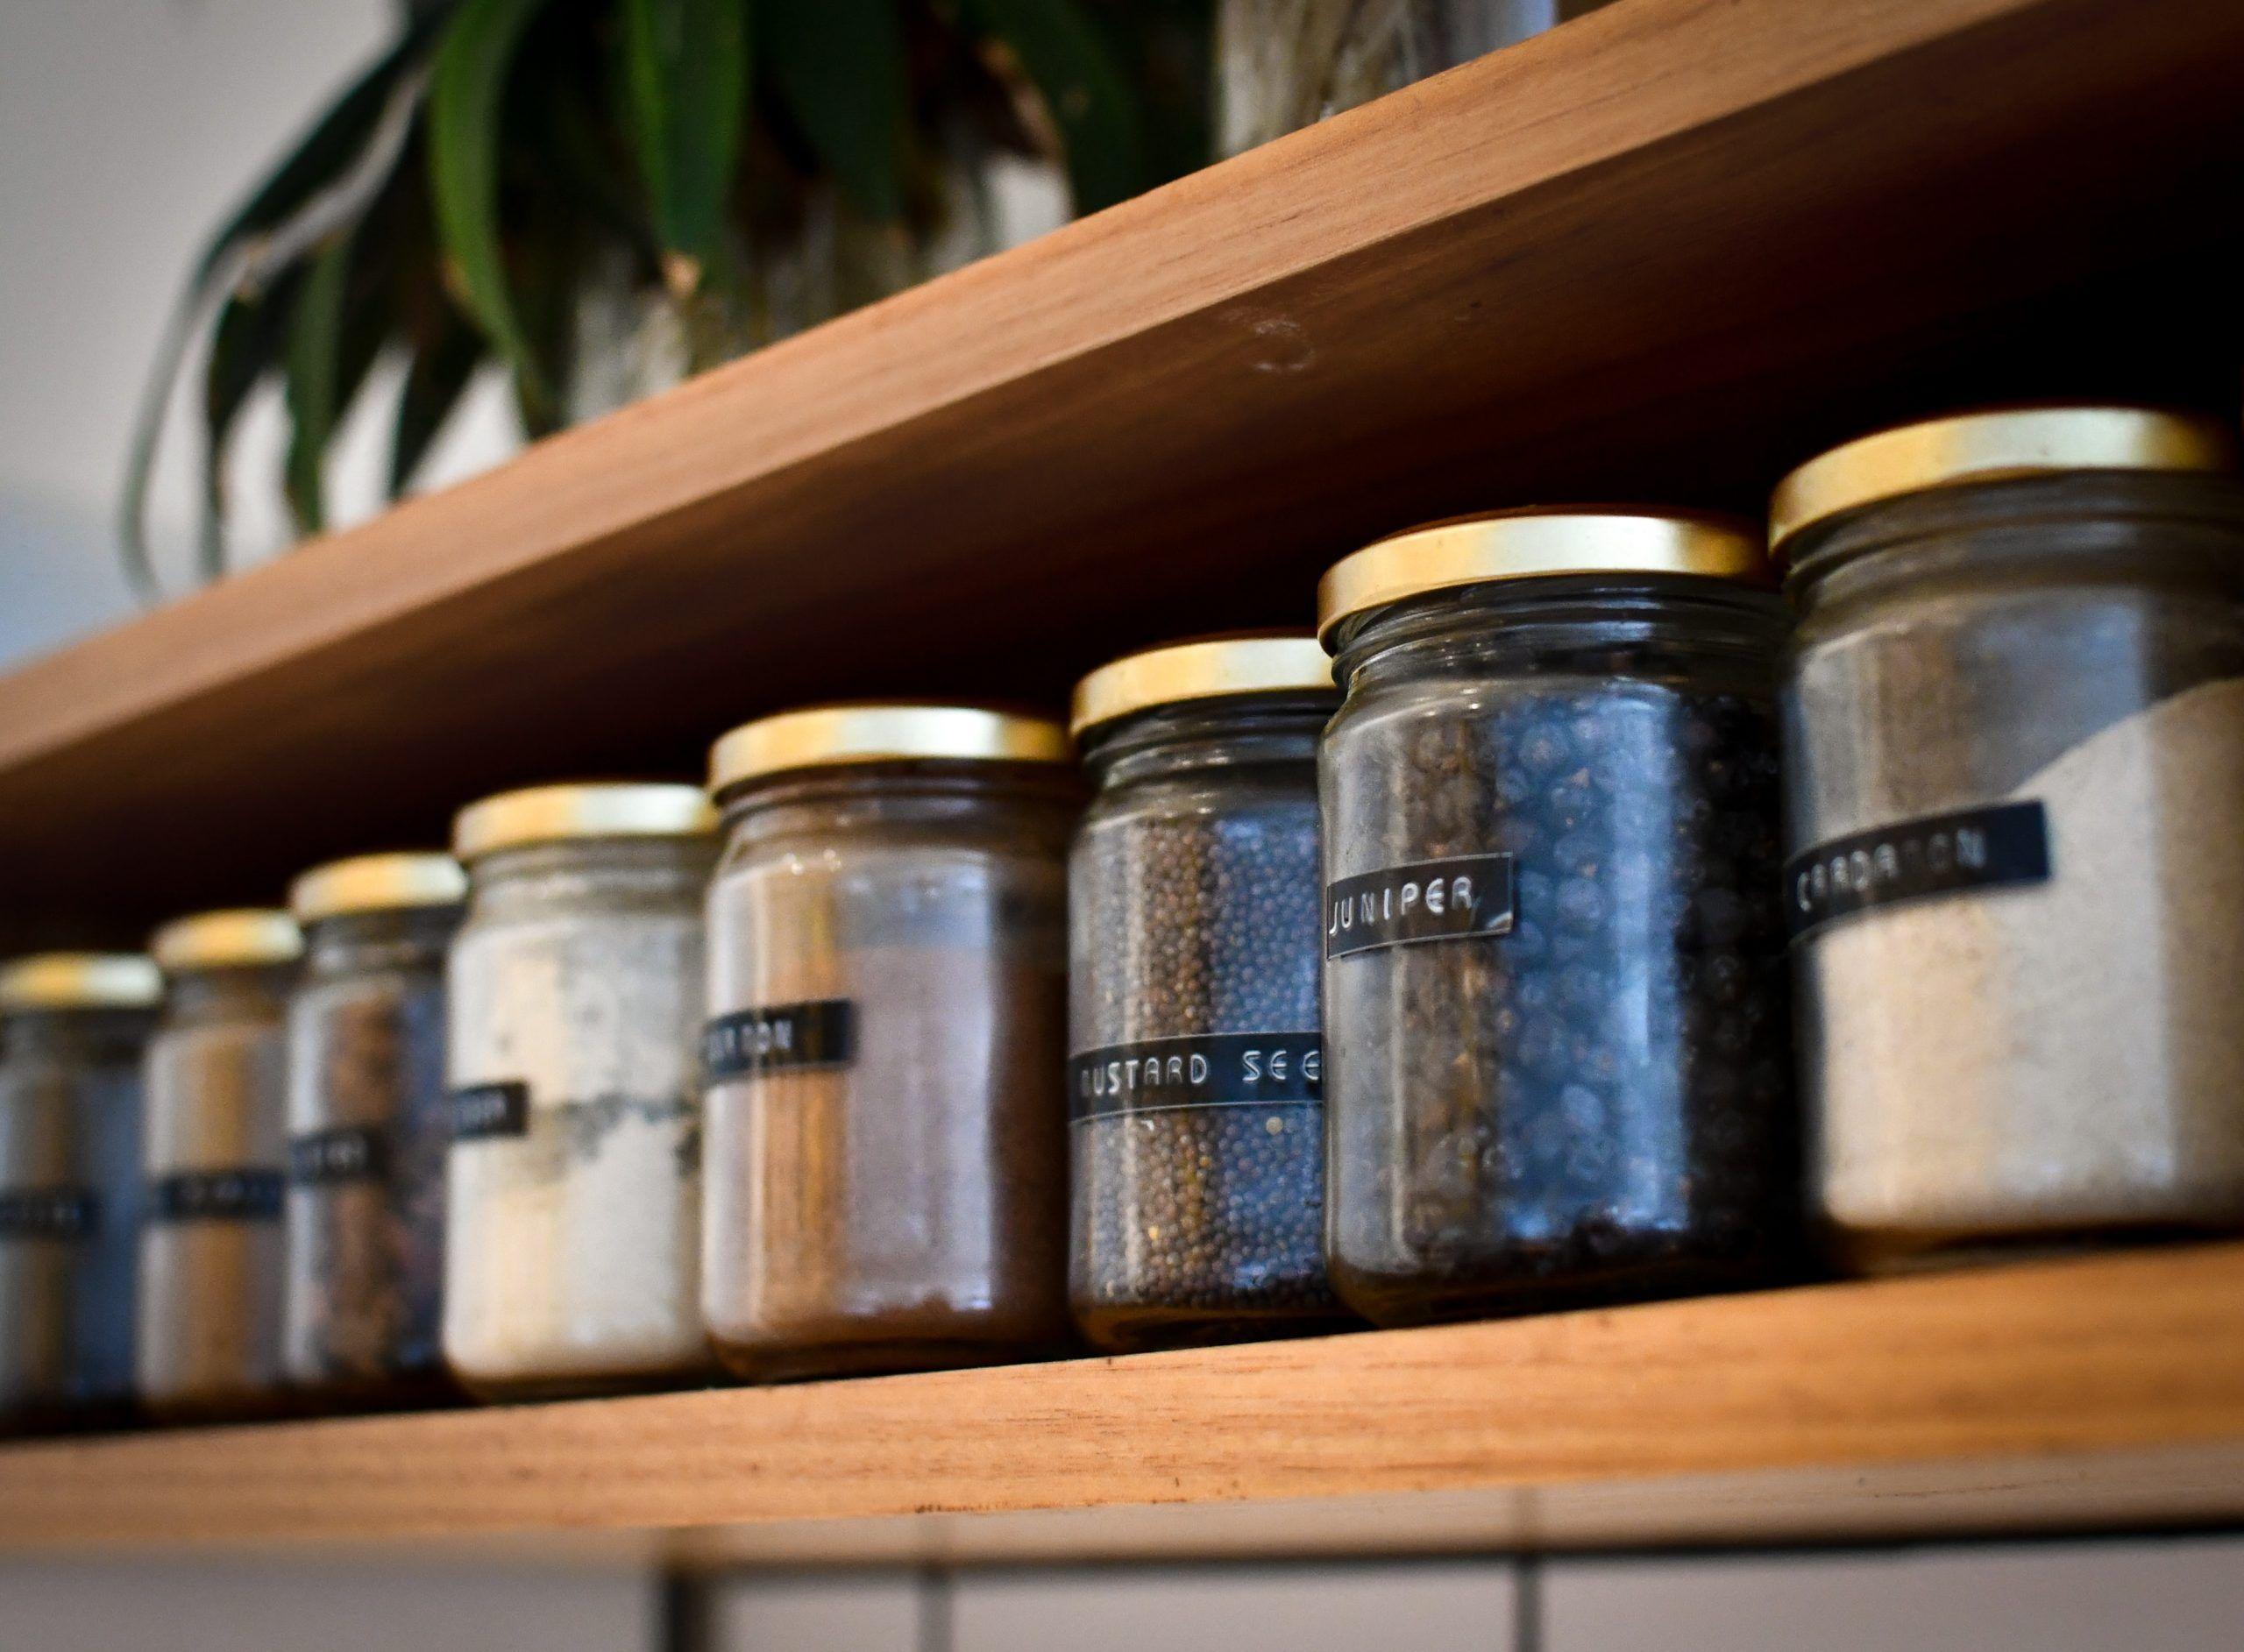 cómo quitar las etiquetas de los frascos y tarros de cristal